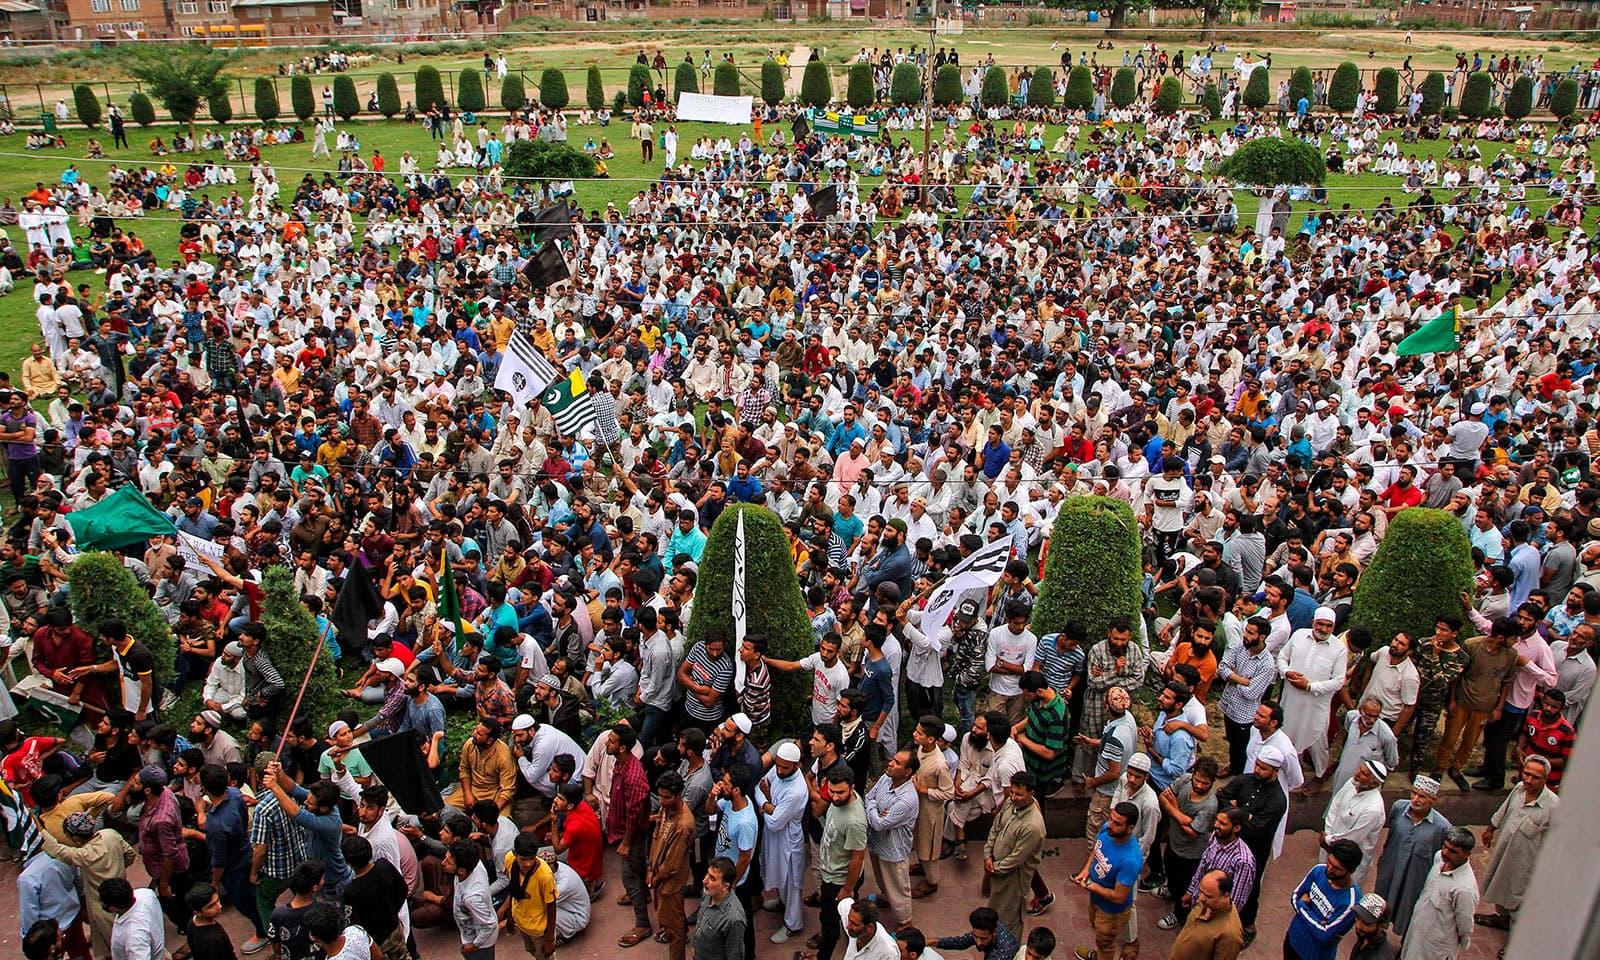 سری نگر میں مسلسل دوسرے روز بھی بھارت کے خلاف احتجاج کیا گیا—فوٹو:اے ایف پی